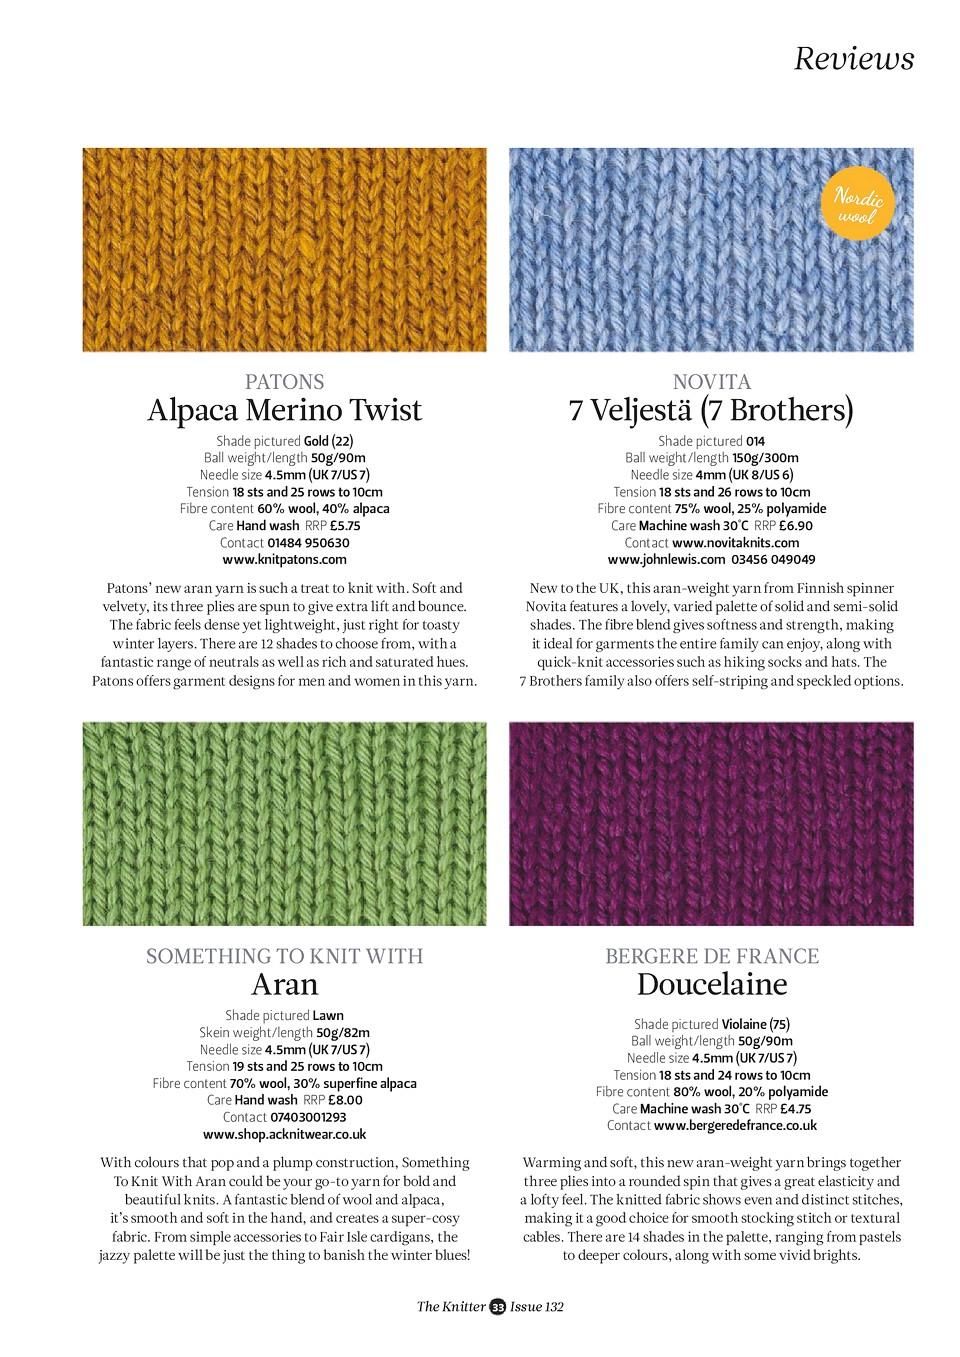 132The-Knitter-034